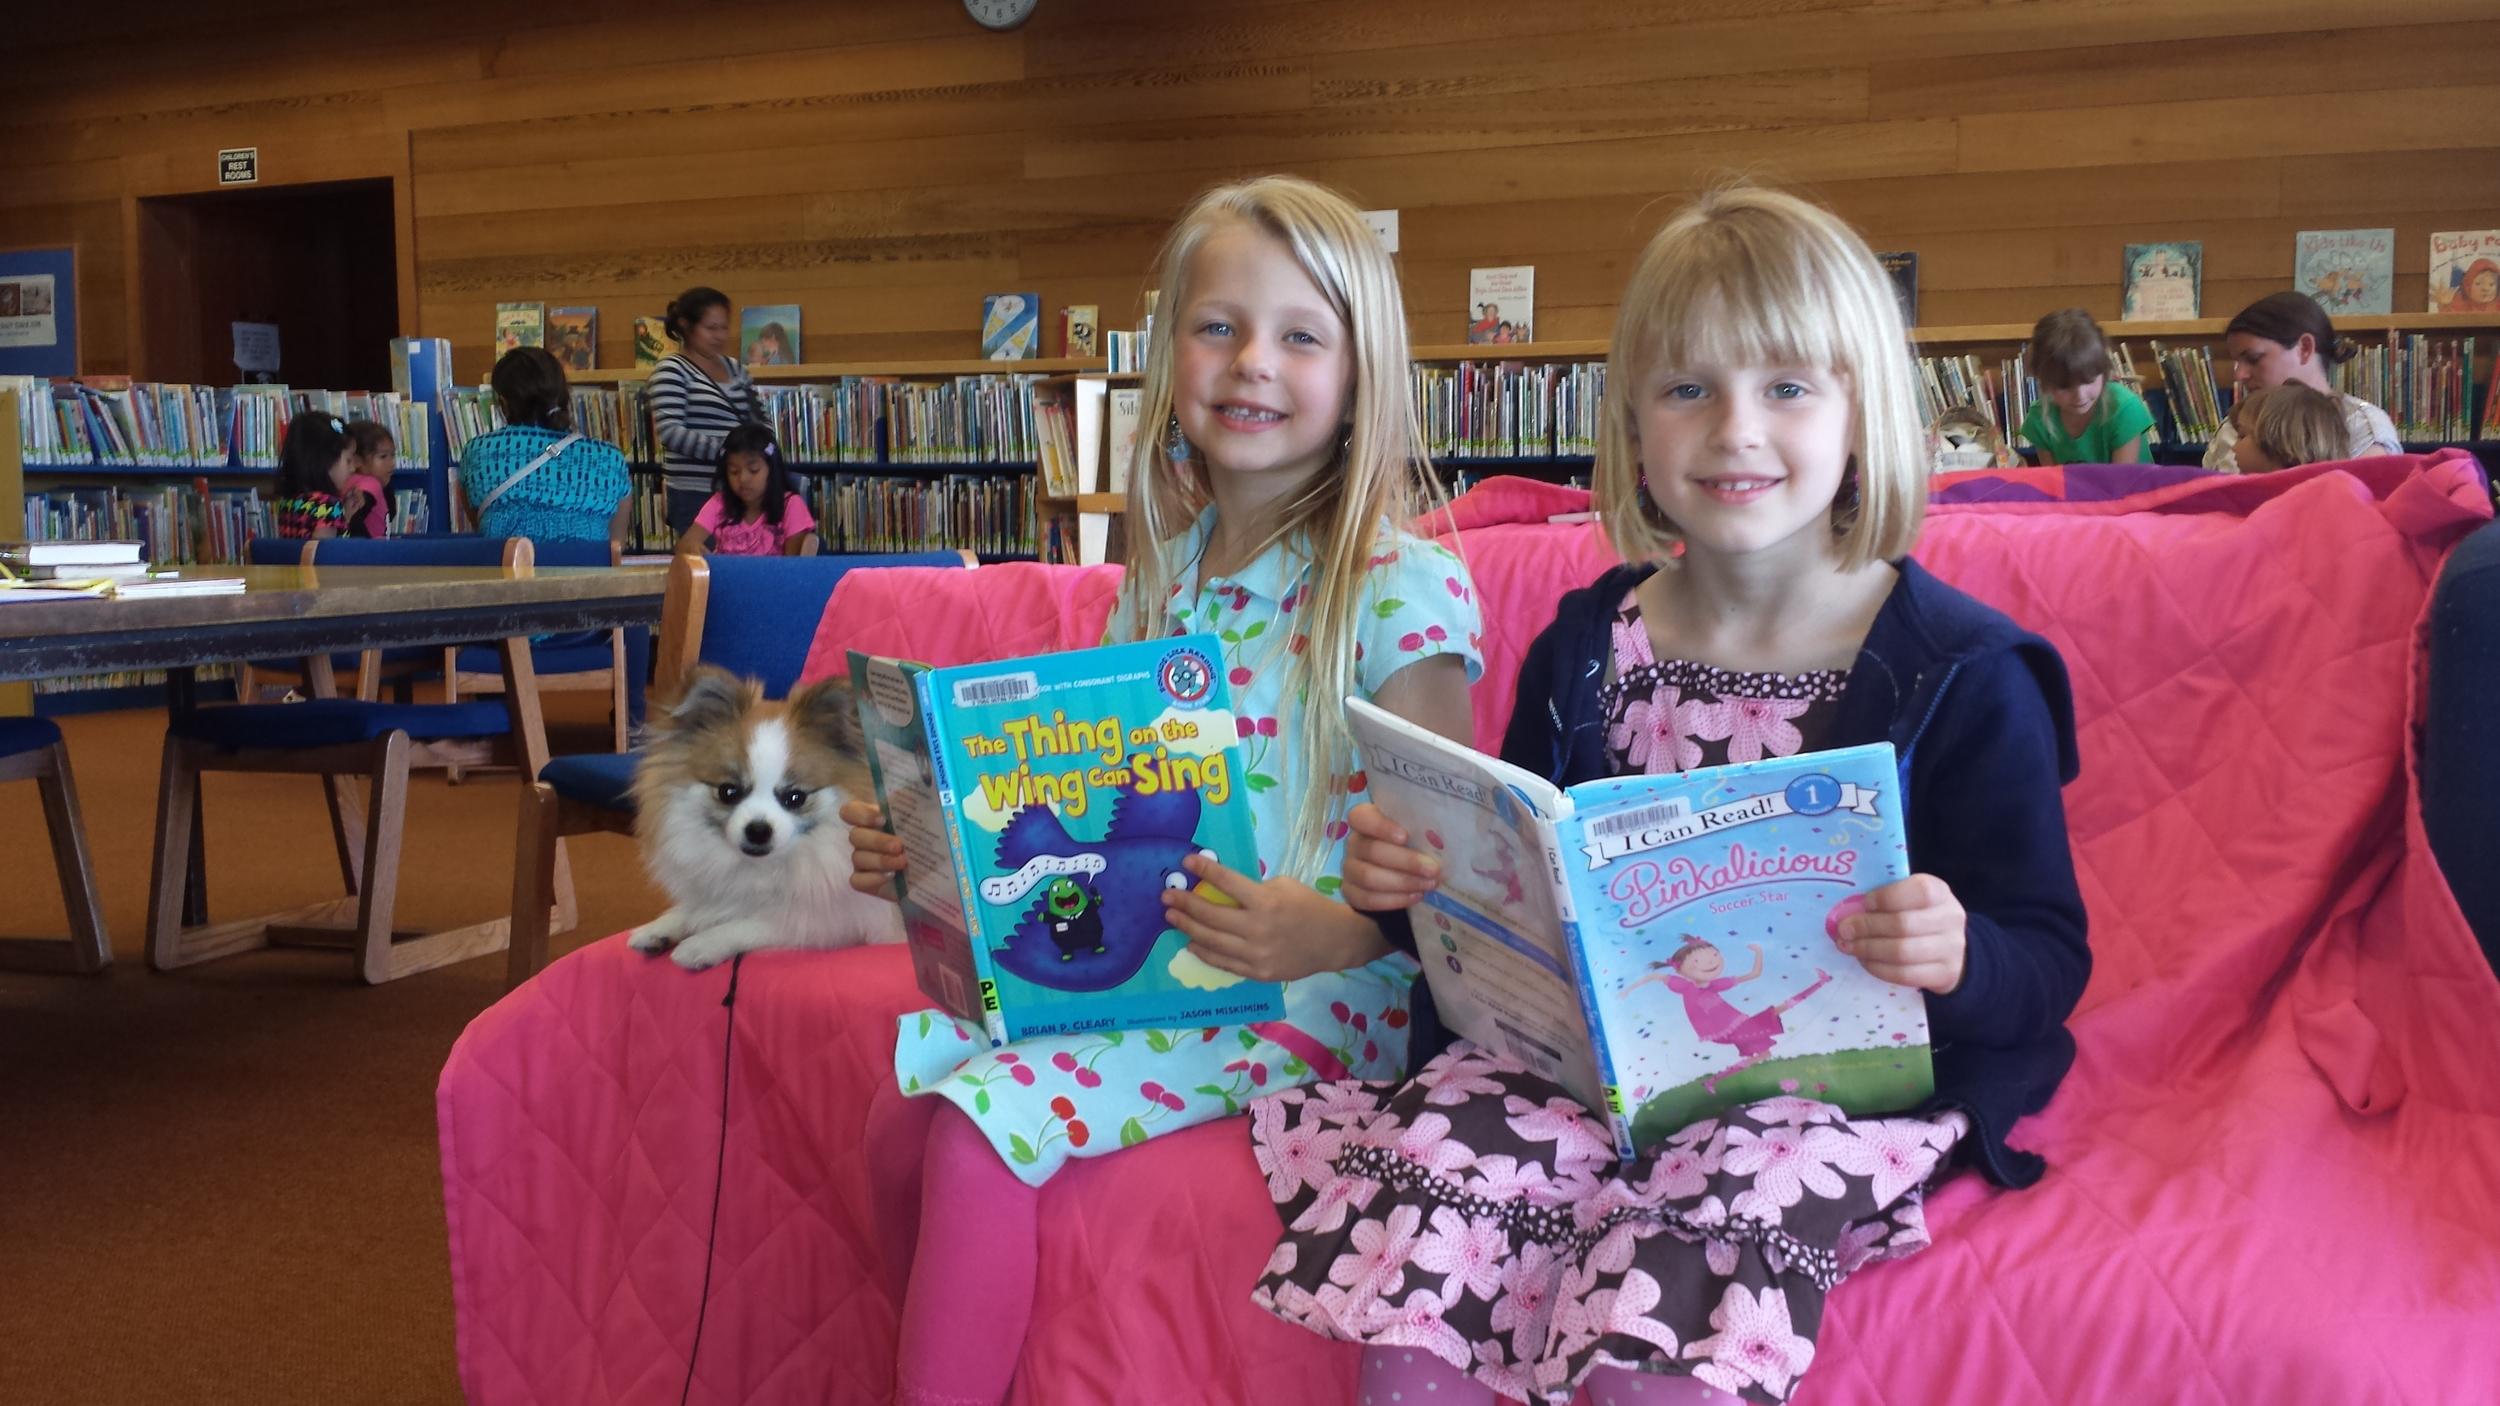 2-Star reading 2 girls.jpg